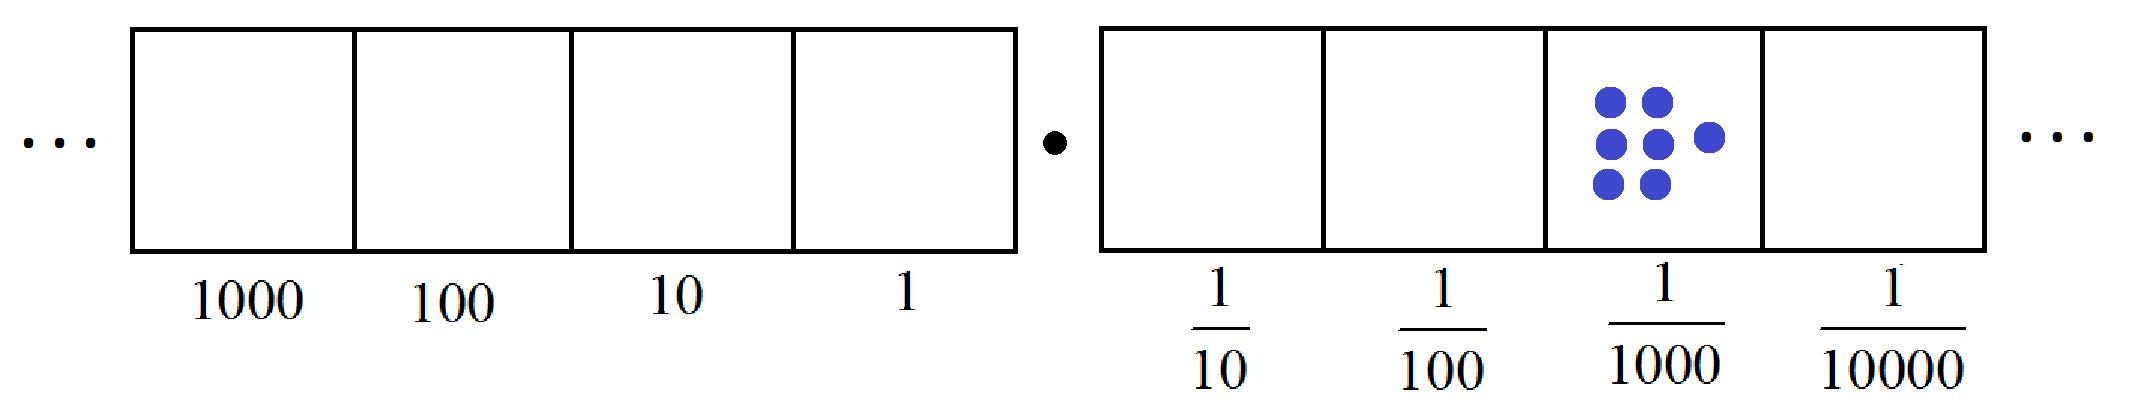 8 2 Decimals | G'Day Math